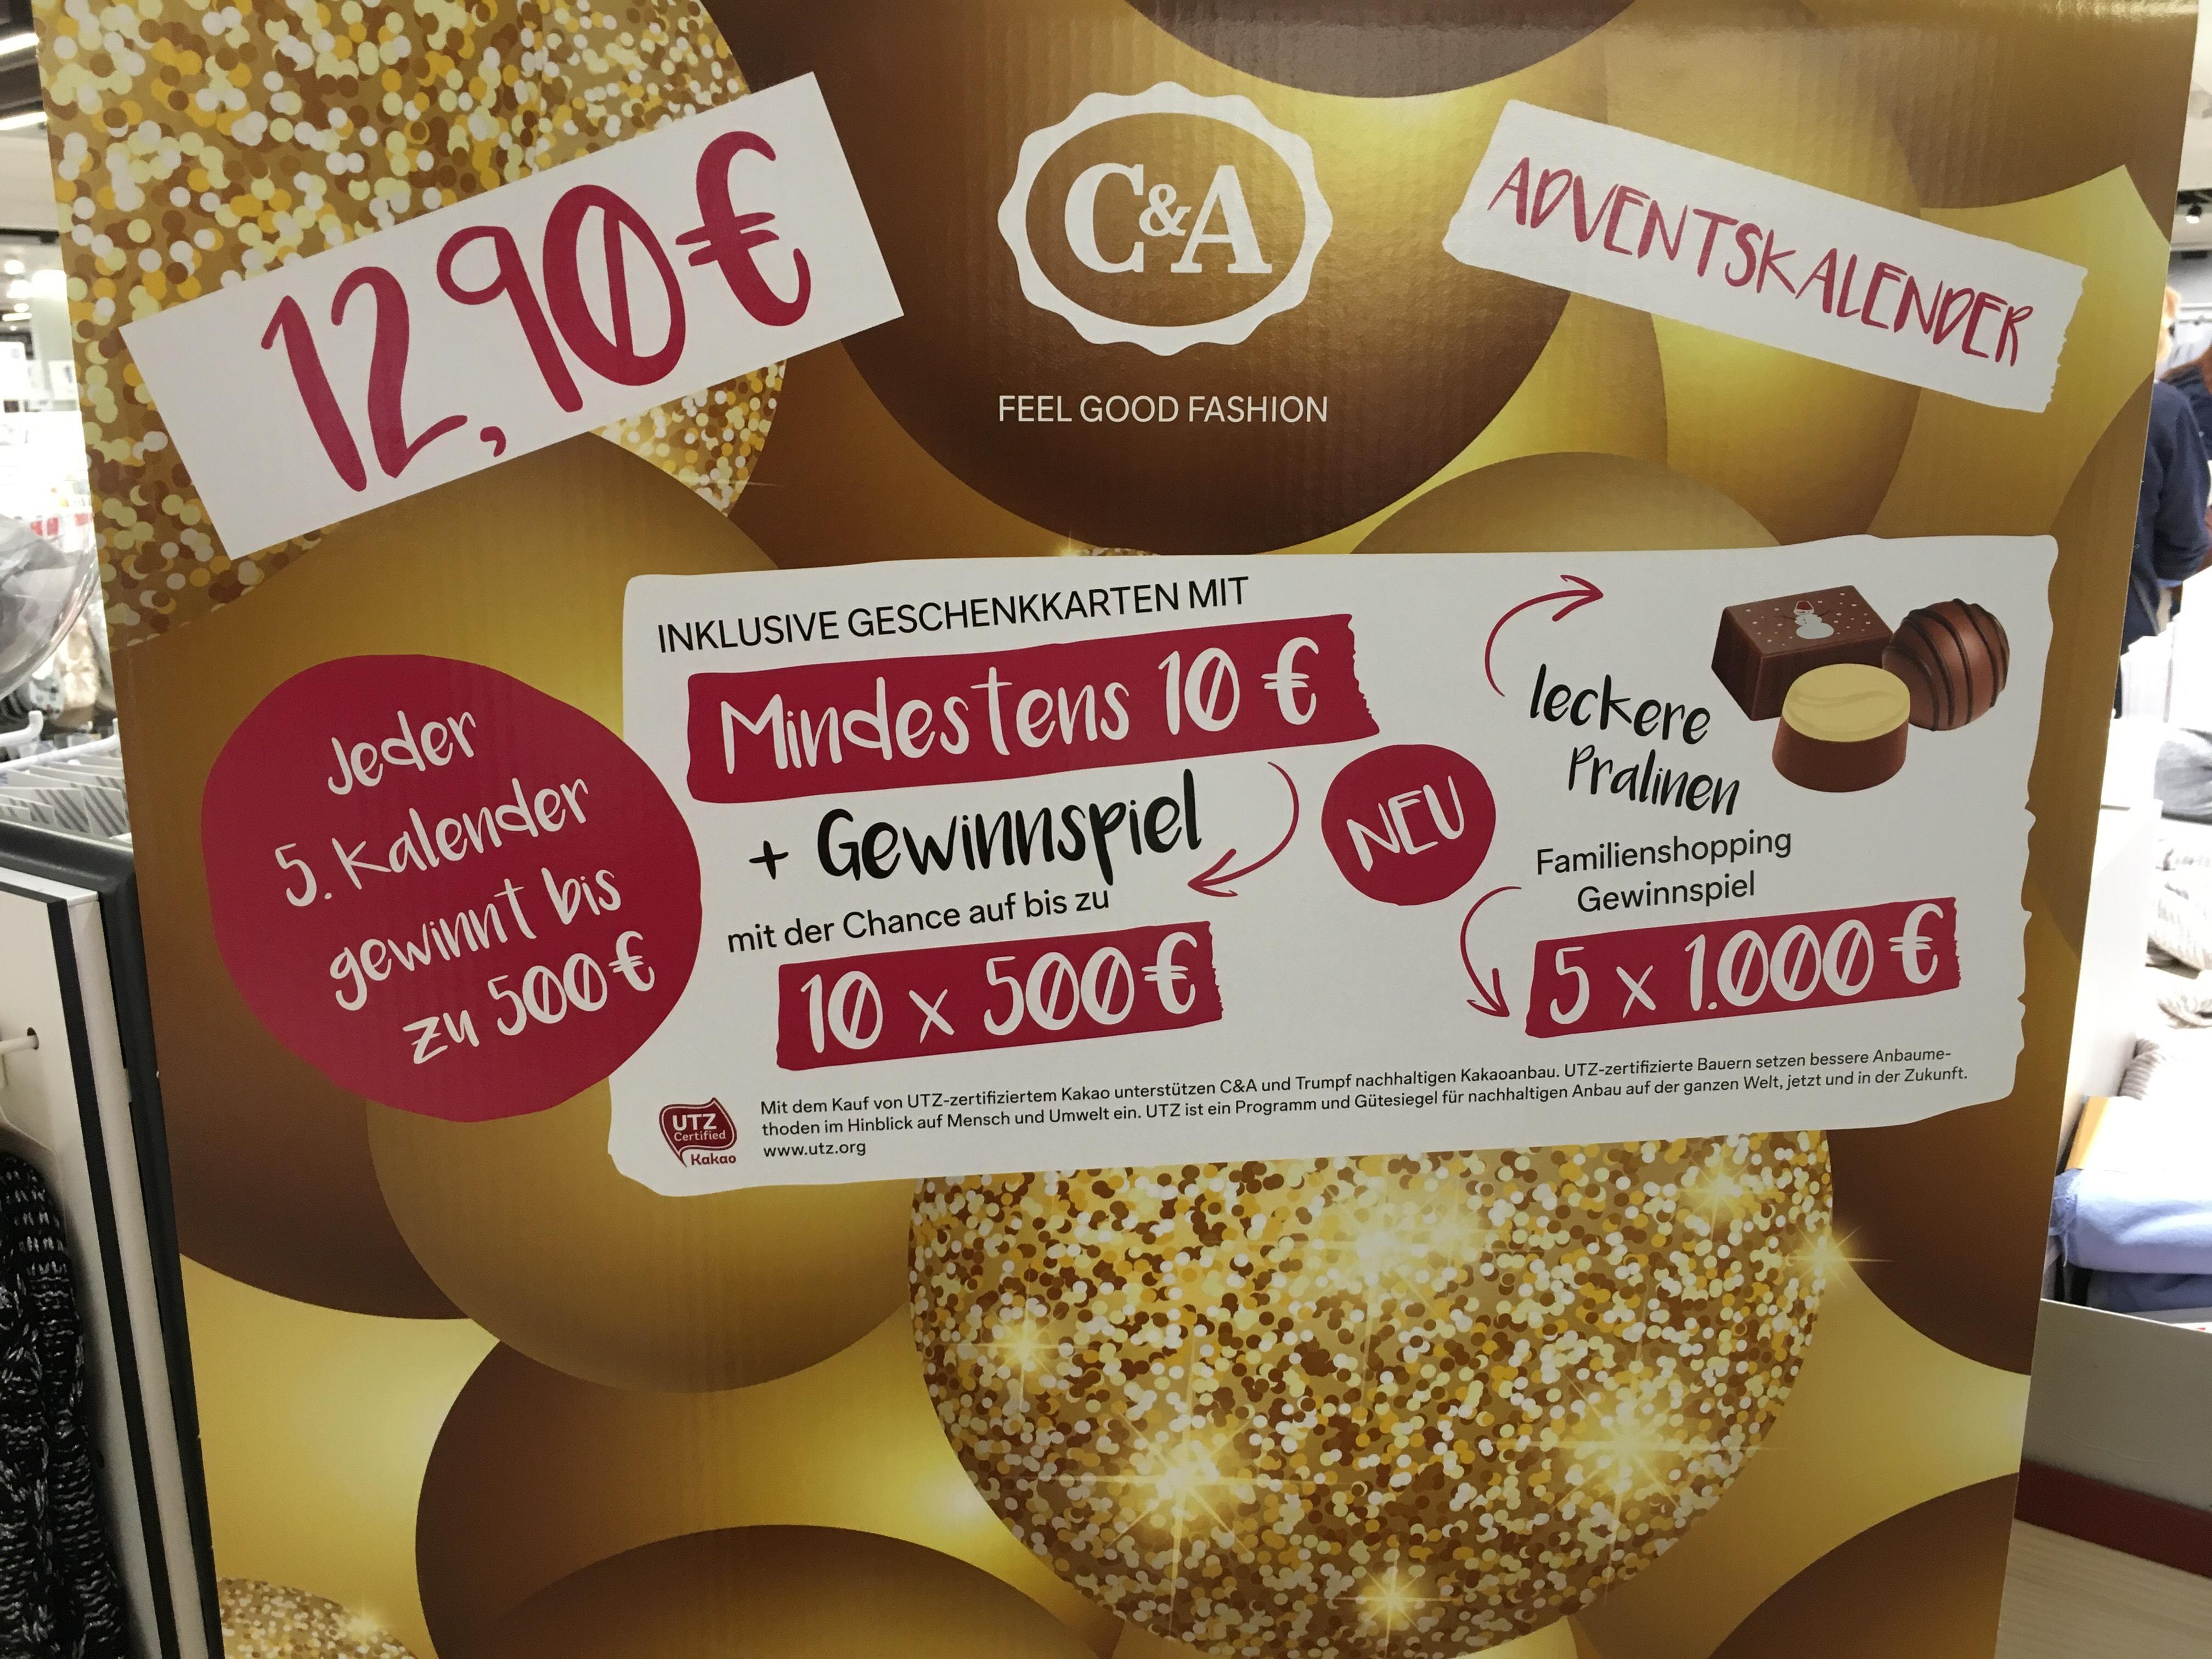 C&A Adventskalender für 10,32€ nur lokal. Coupon anbei, ohne Ausdruck !!